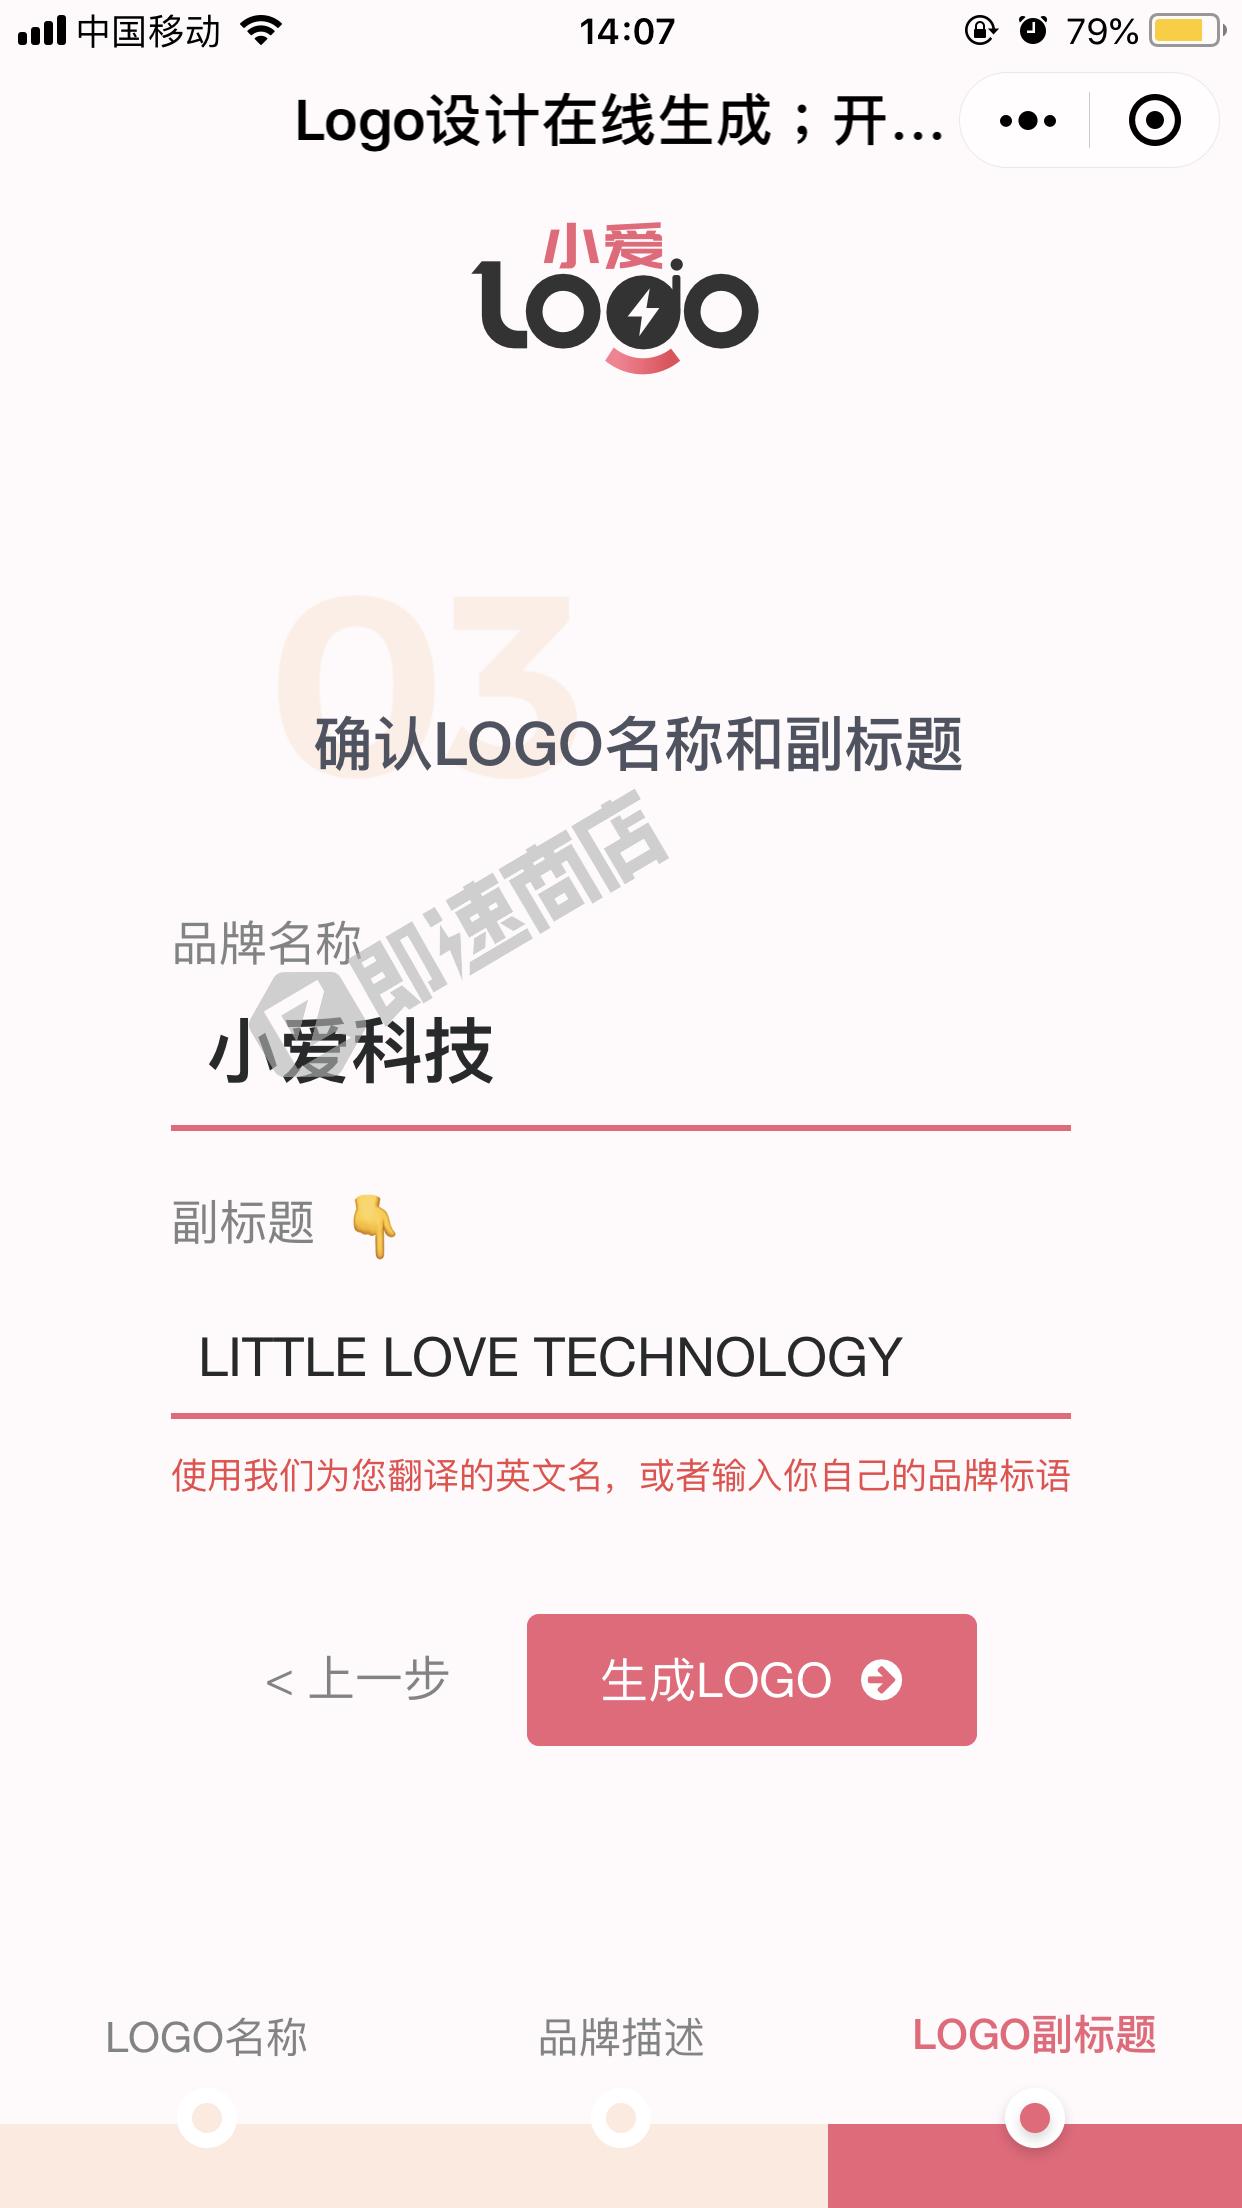 小爱LOGO设计小程序详情页截图1